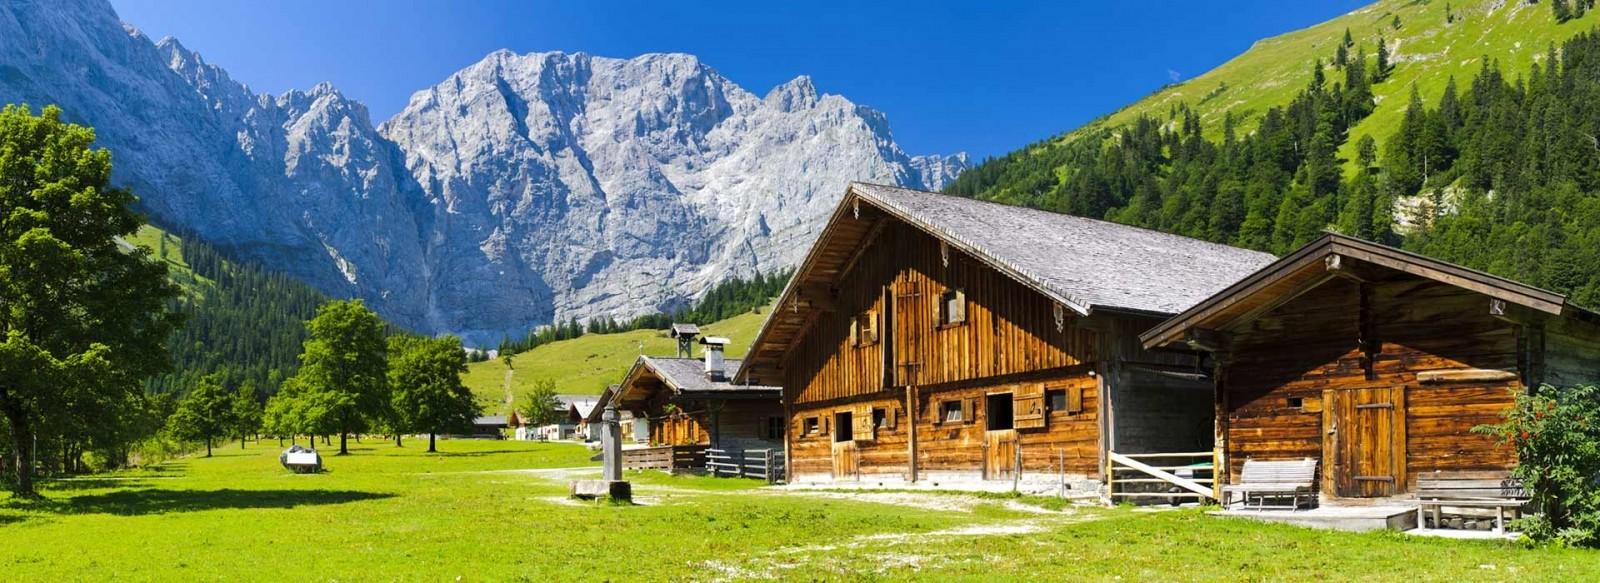 Ferienwohnungen und Hotels im Karwendel - Sommerurlaub